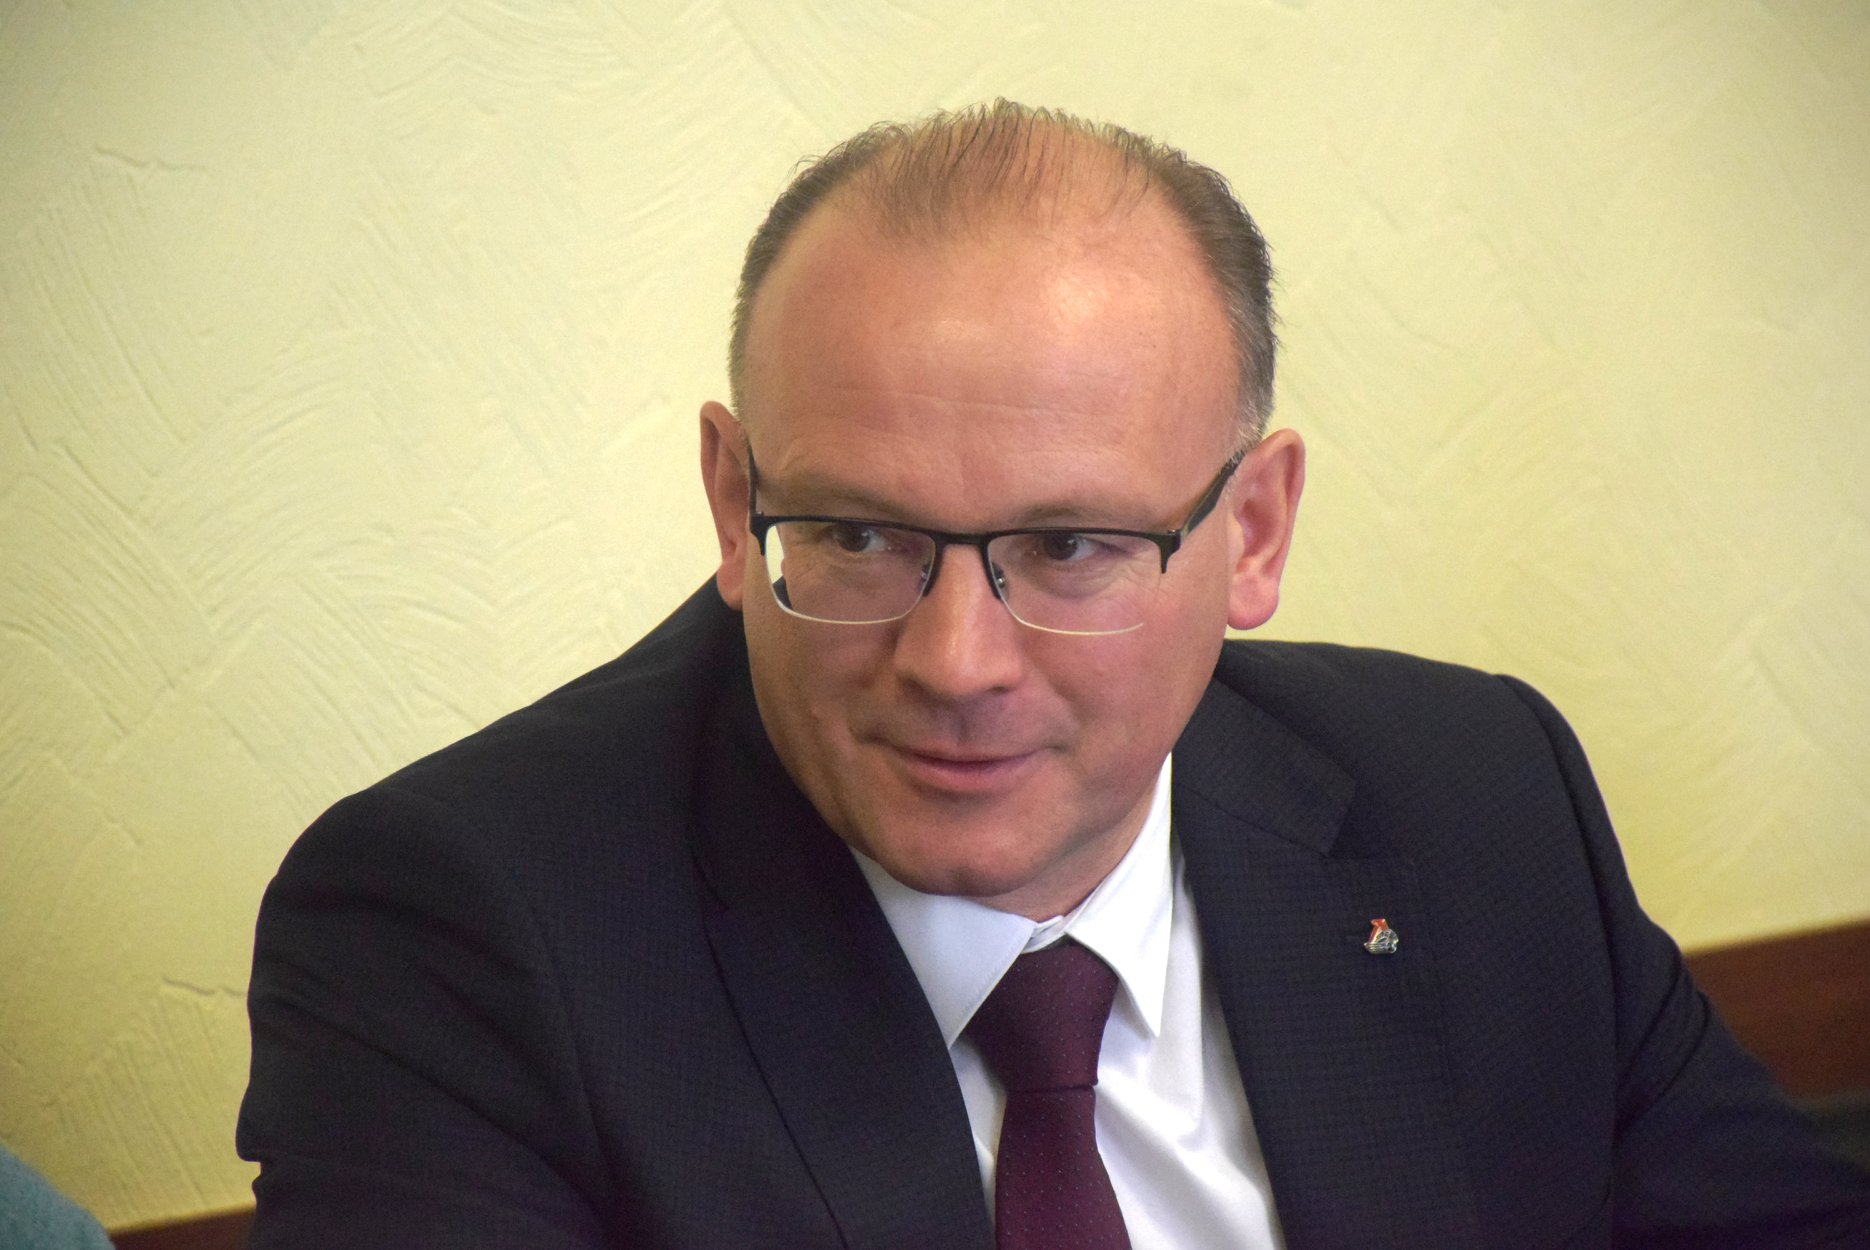 Евгений Ефремов, заместитель управляющего отделением по Ярославской области Главного управления Центрального банка РФ по Центральному федеральному округу